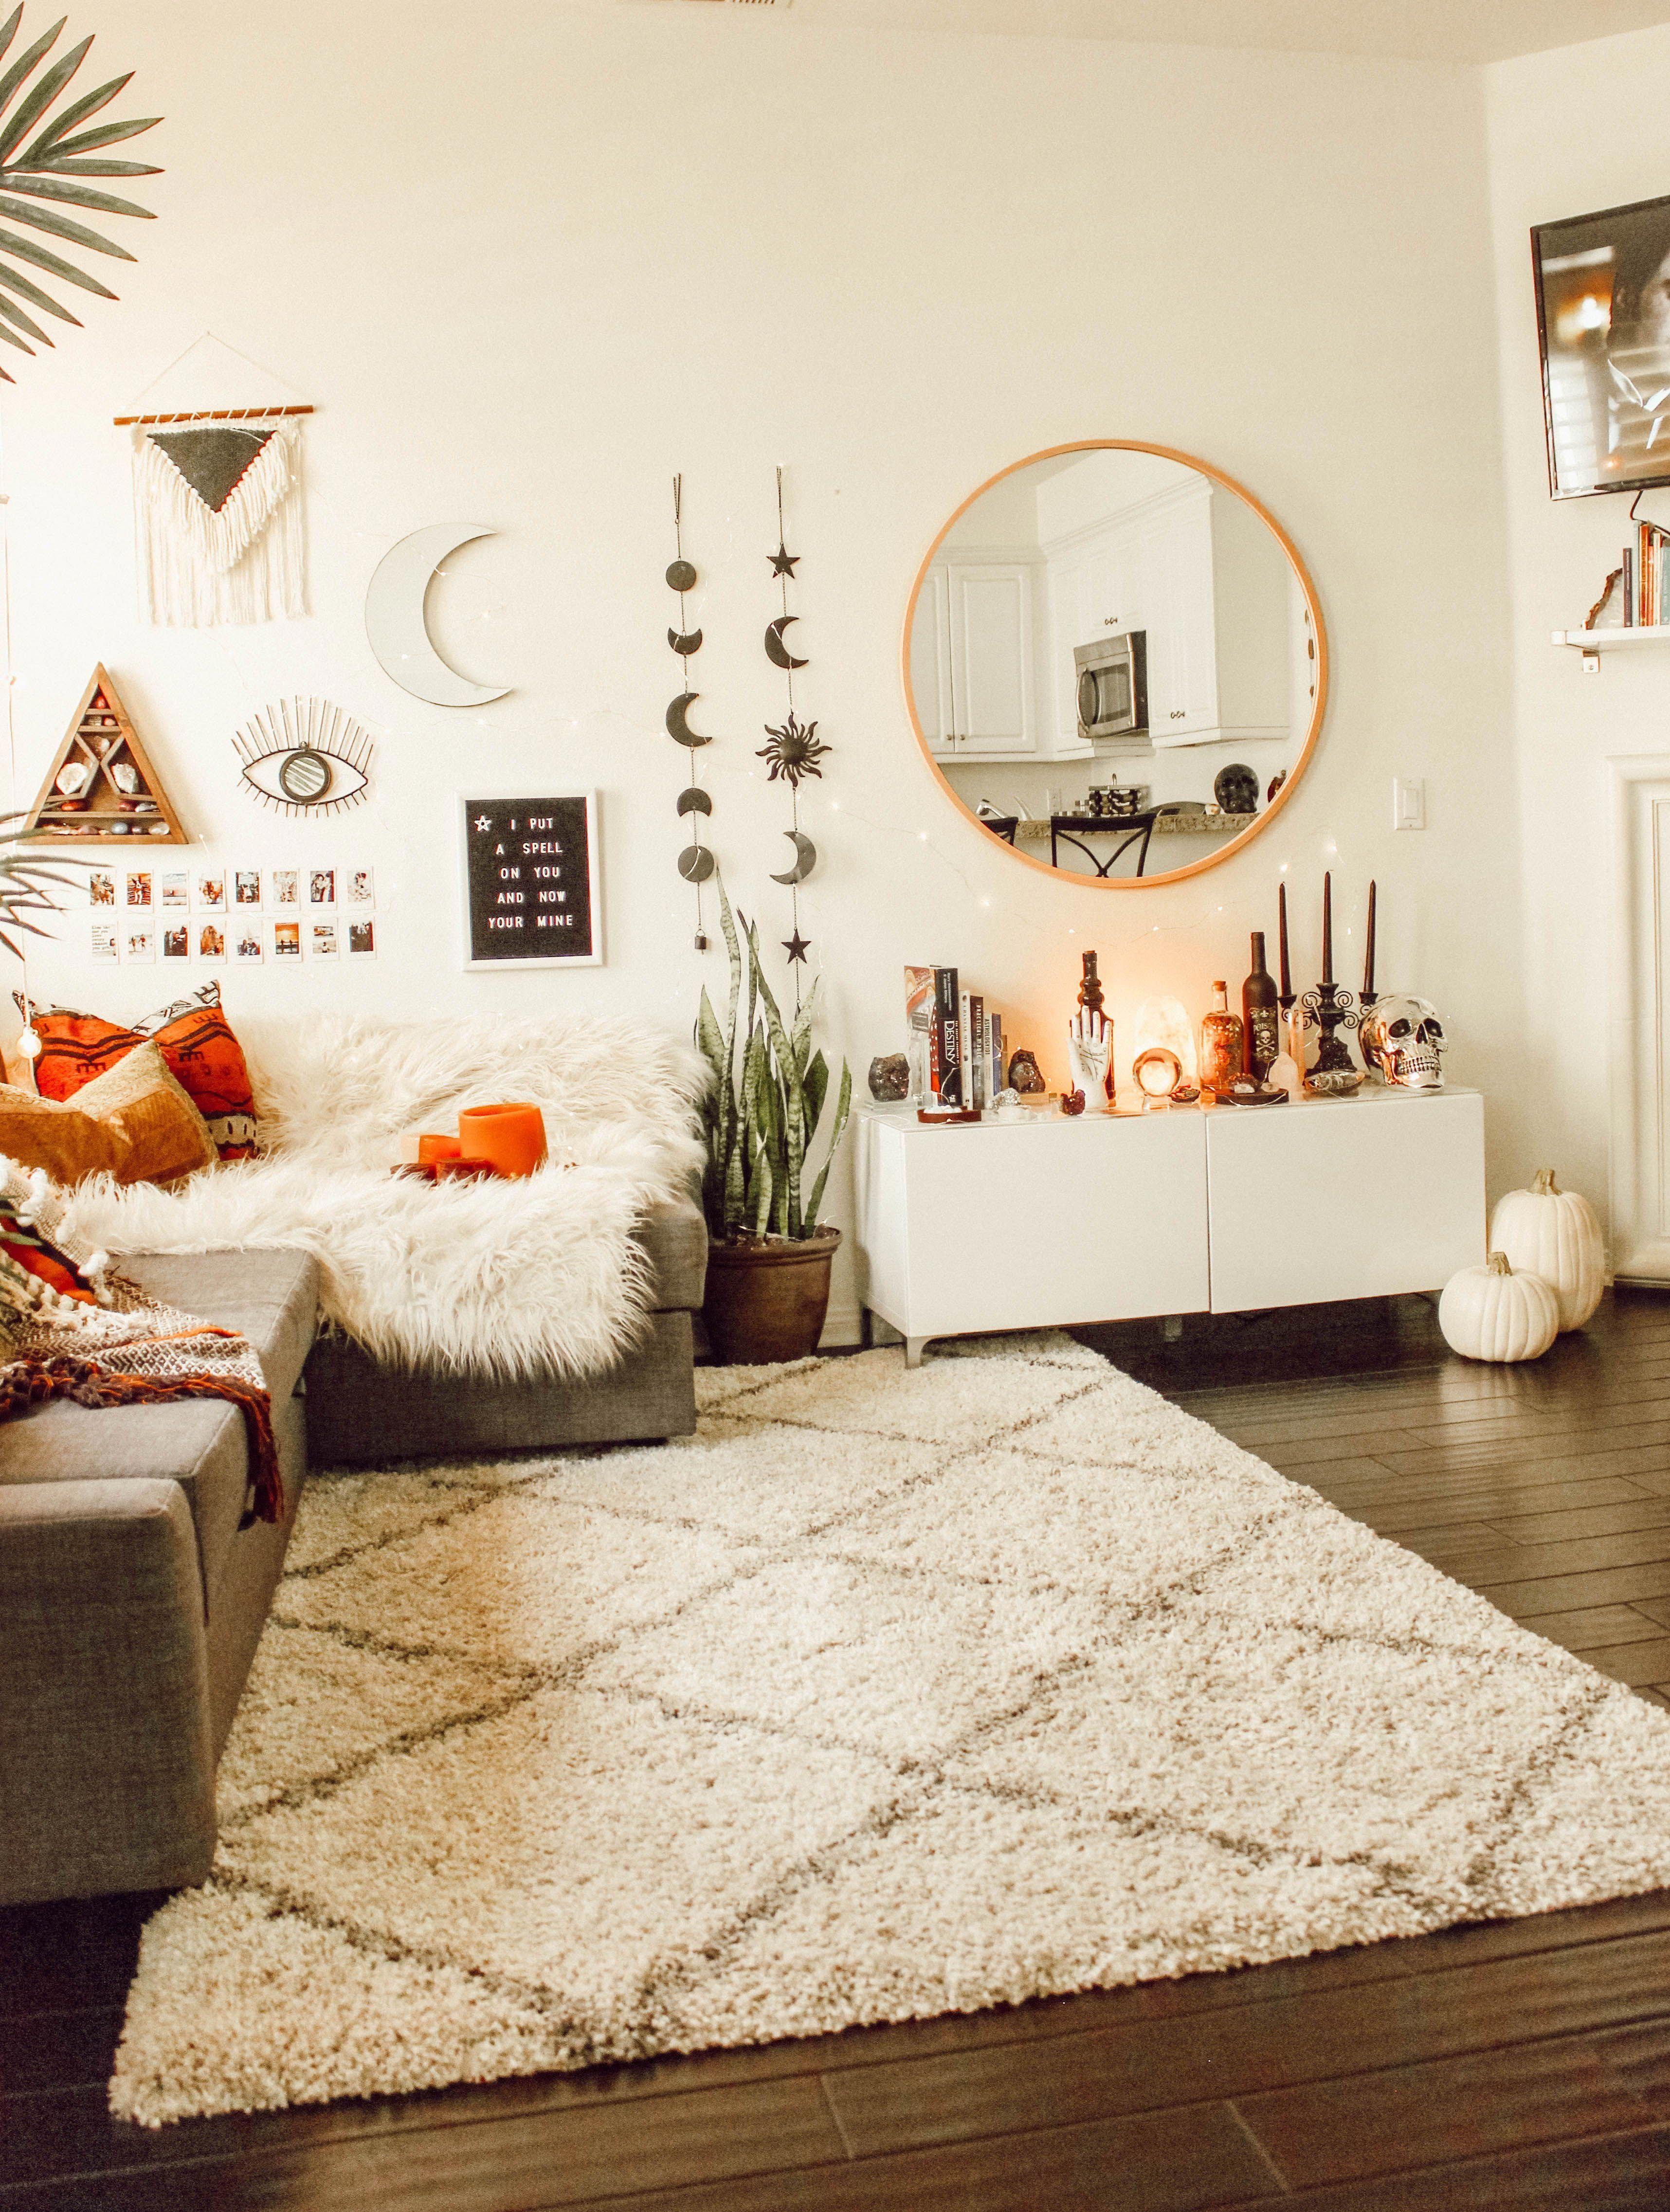 Master Bedroom Decorating Ideas   Interior Design Styles Bedroom   Master  Bedroom 20190427